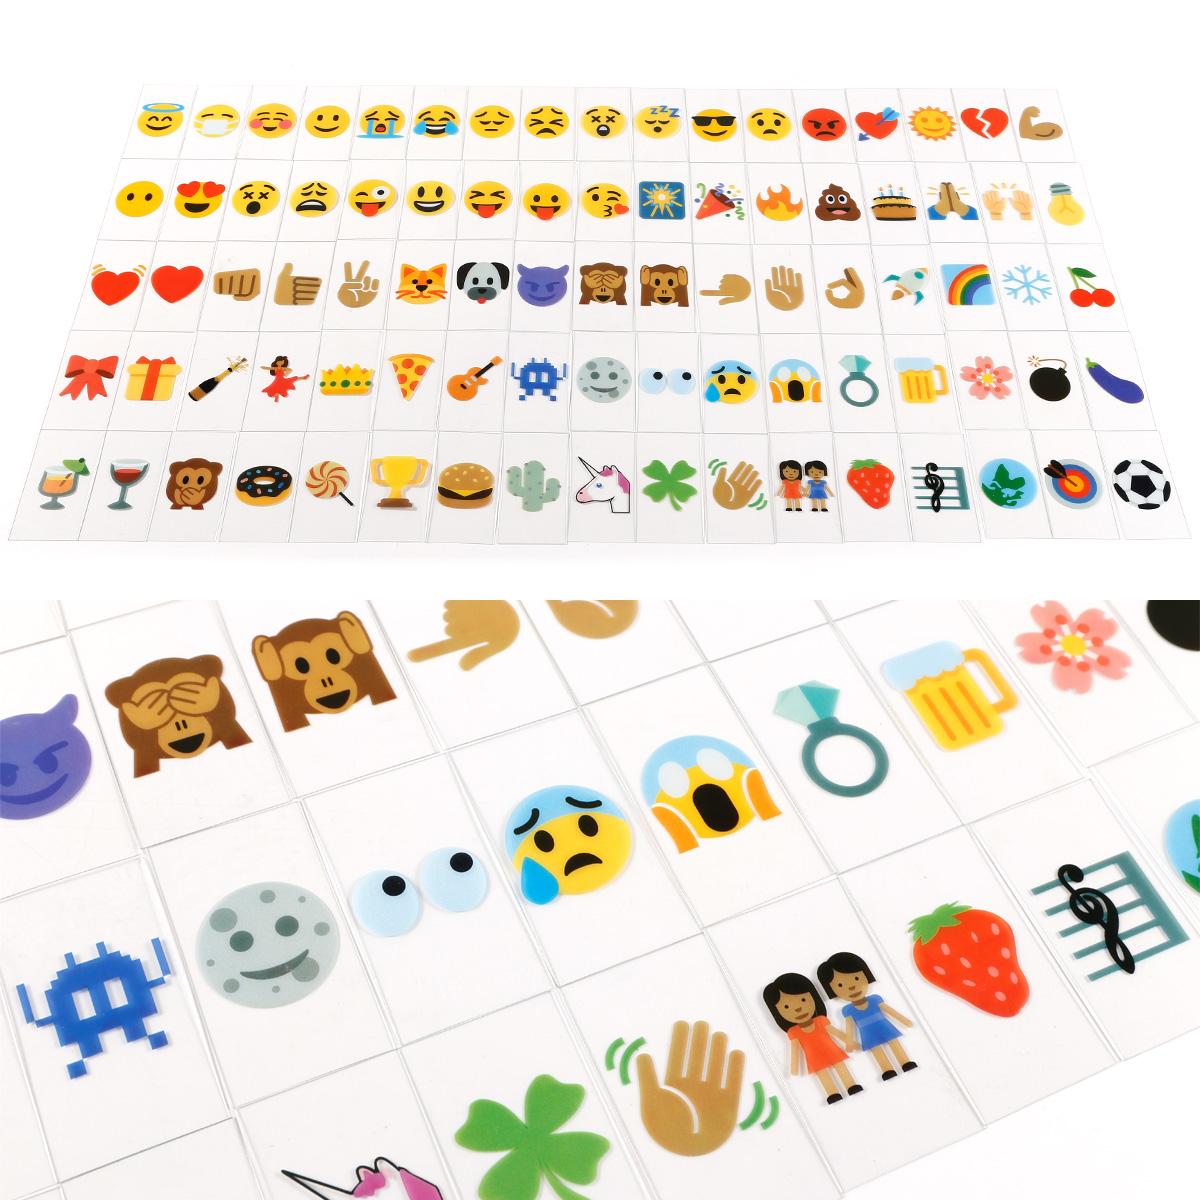 85er emoji zeichen karten f led leuchtkasten reklame - Leuchtkasten deko ...